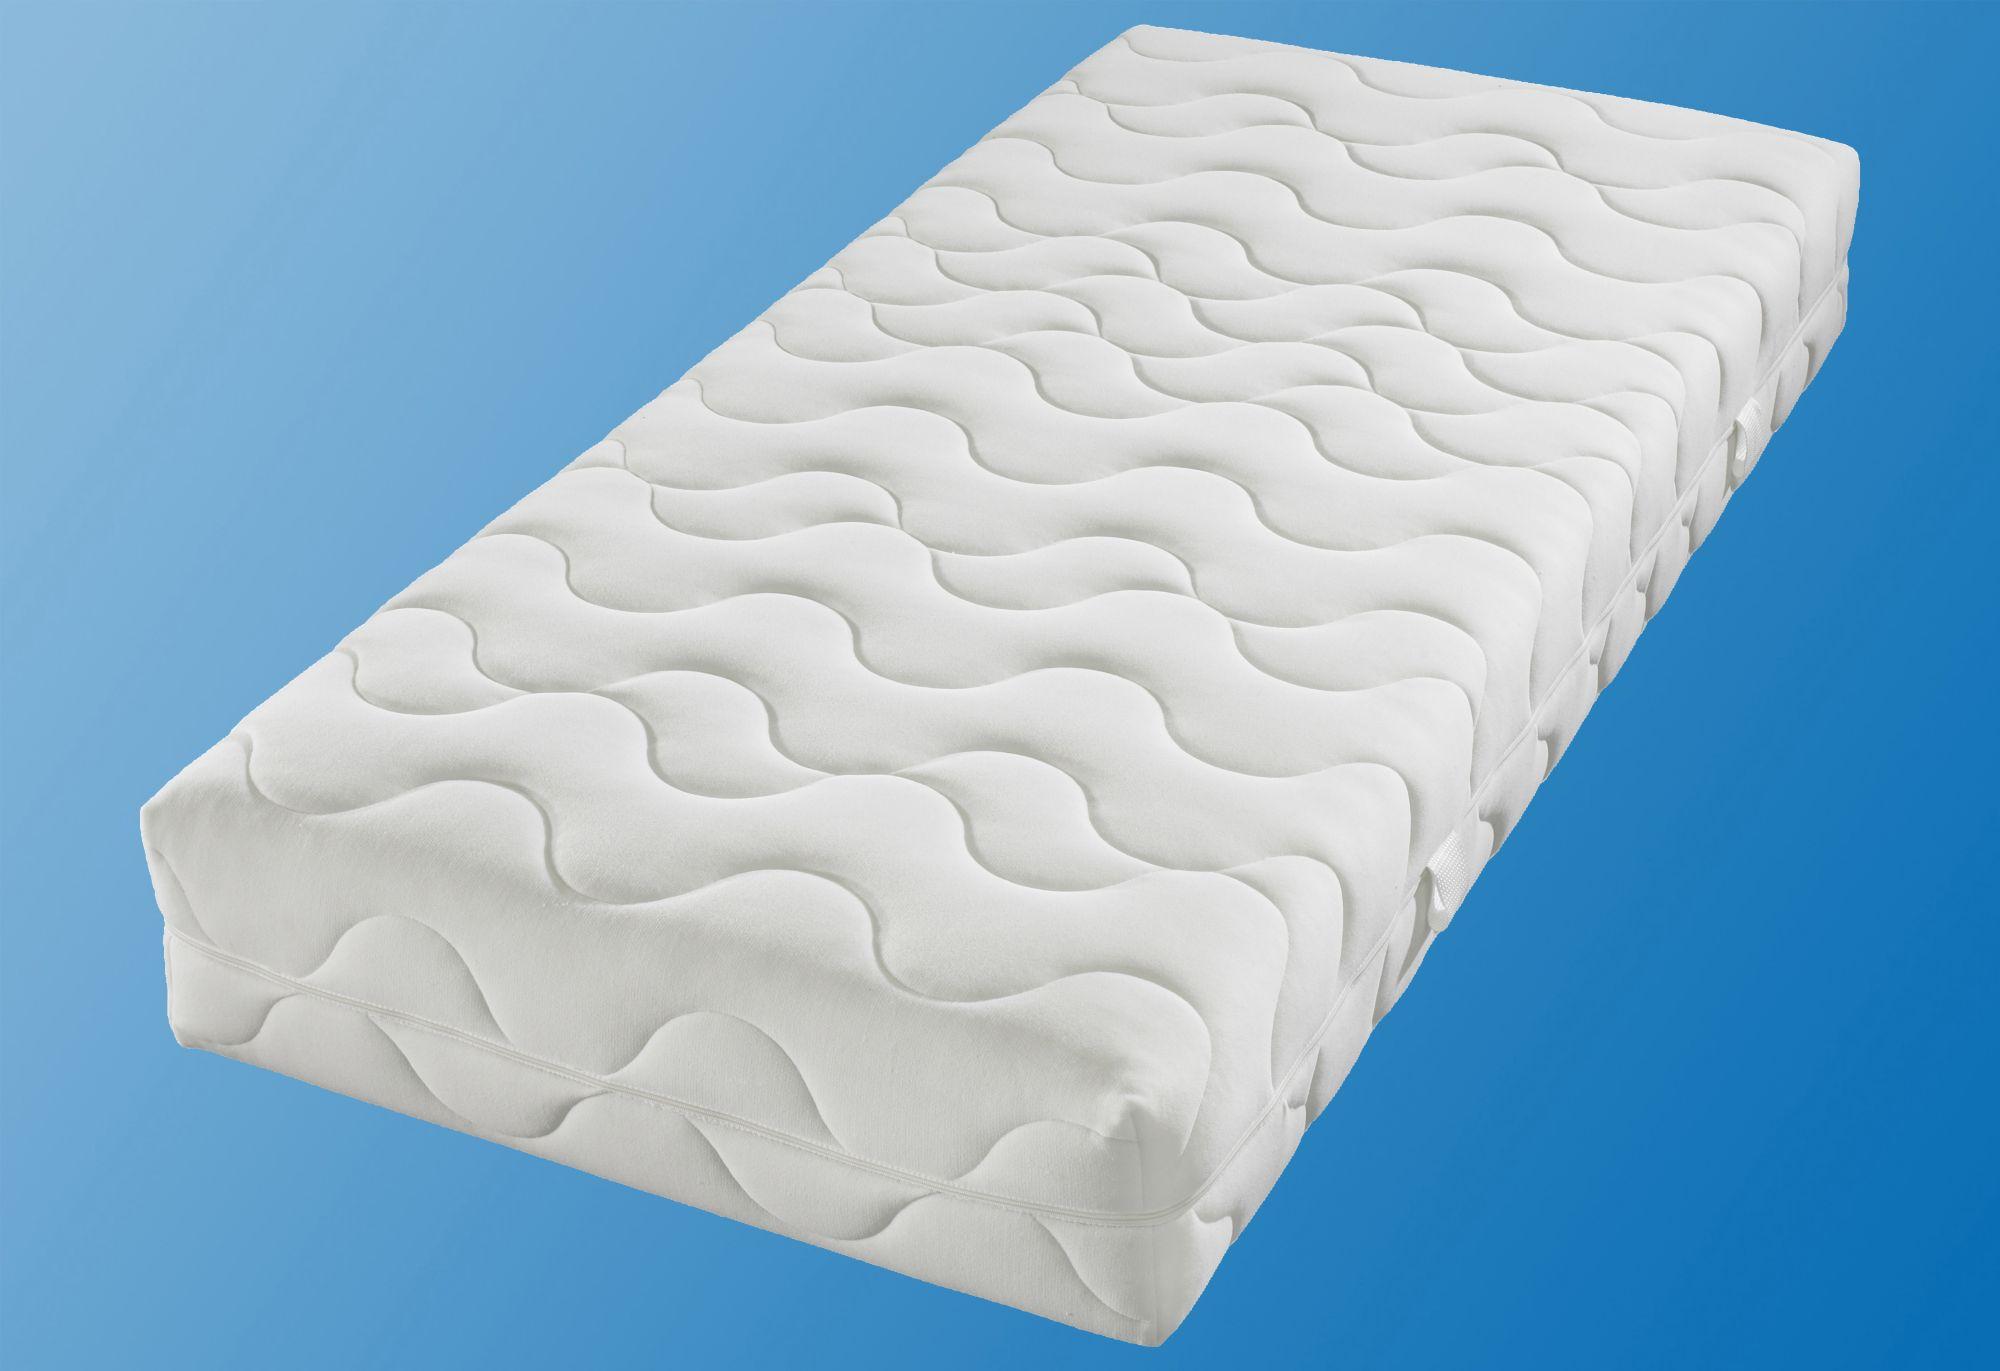 BECO Komfortschaummatratze, BeCo, 25 cm hoch, Raumgewicht: 28, mit speziellem Schulter-Entlastungs-System